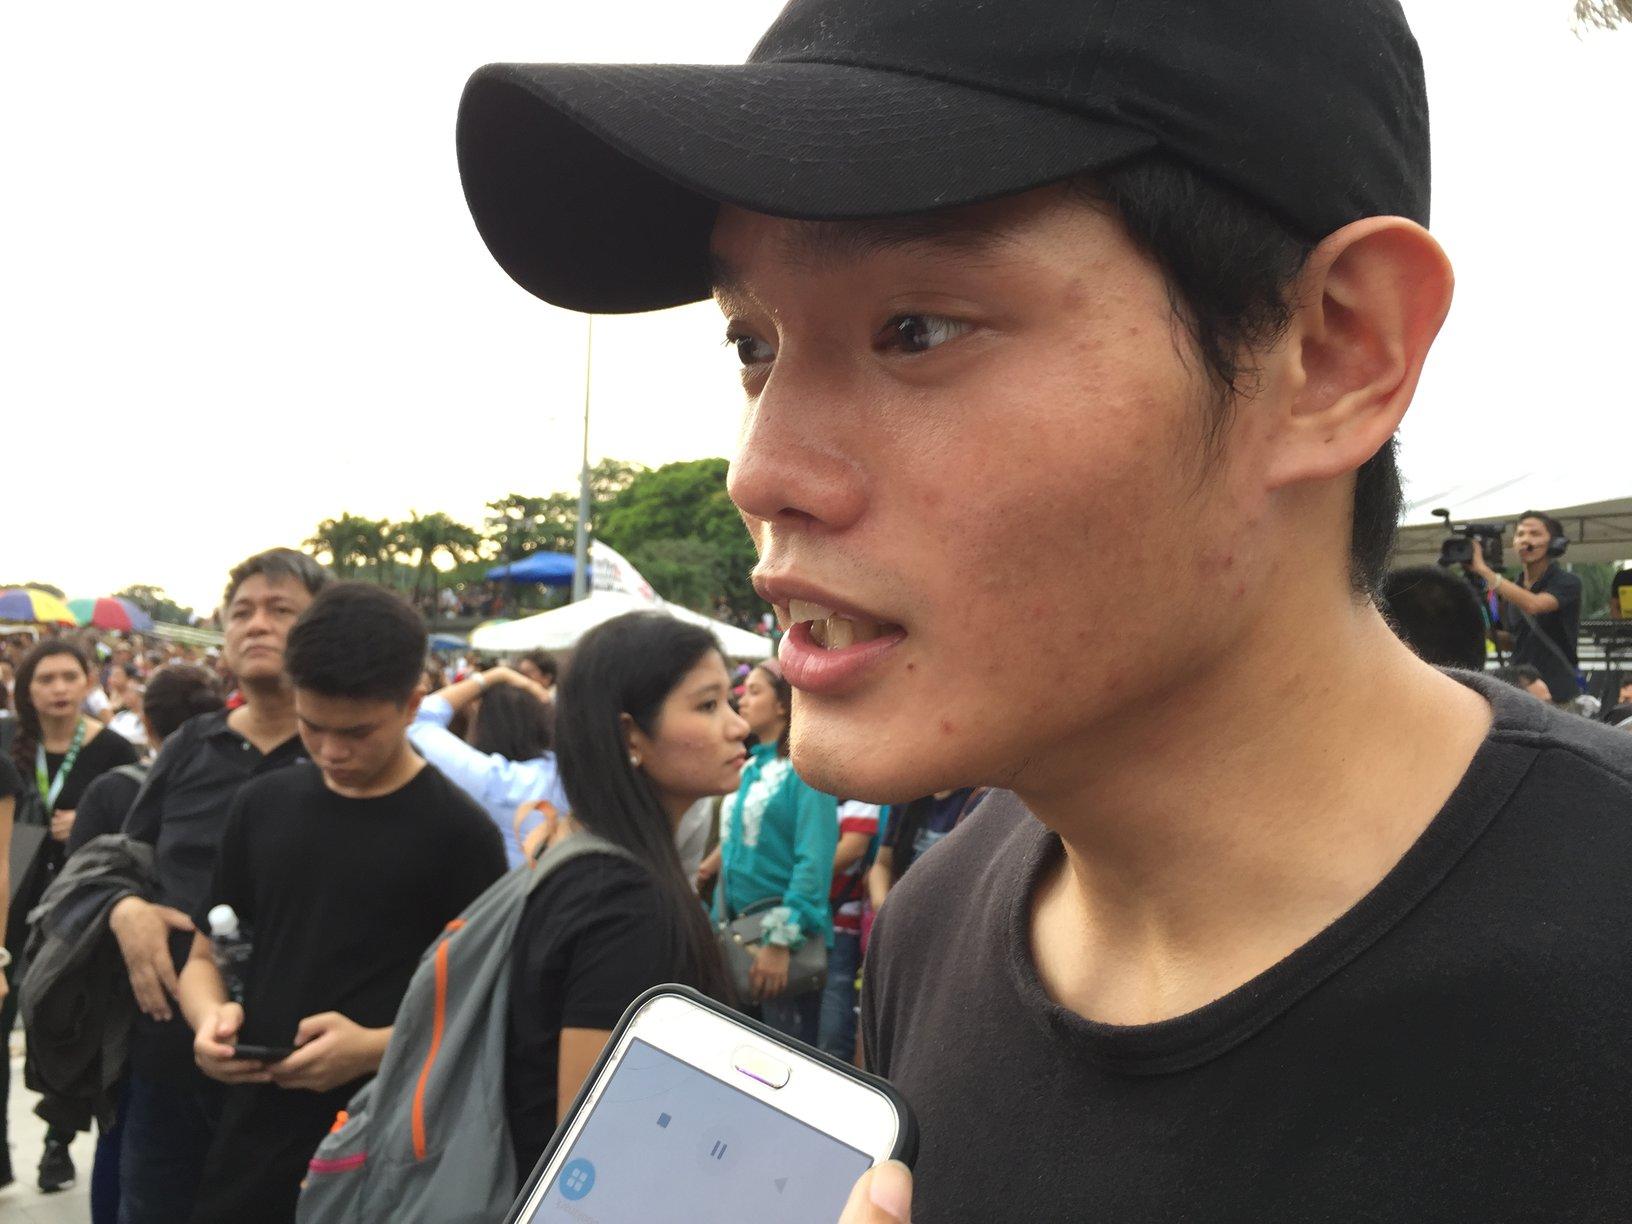 Seve Carlos, a sophomore student at Ateneo de Manila University